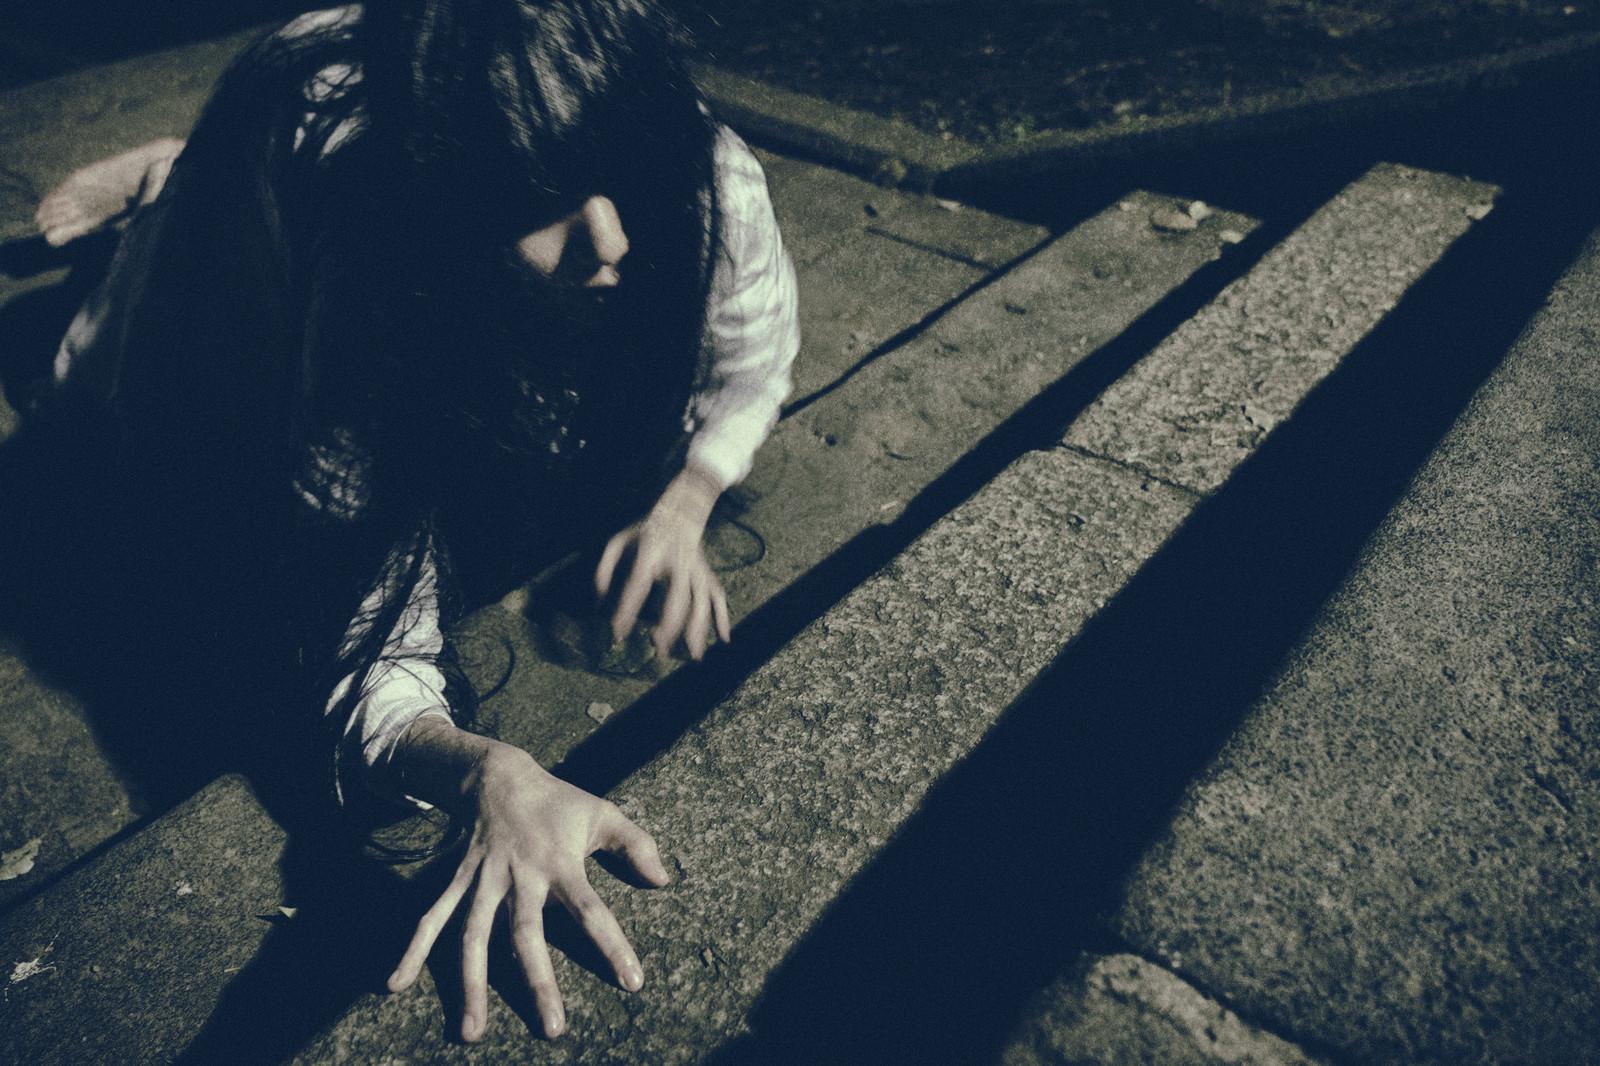 「階段を這いながら上りきろうとする女性」の写真[モデル:緋真煉]